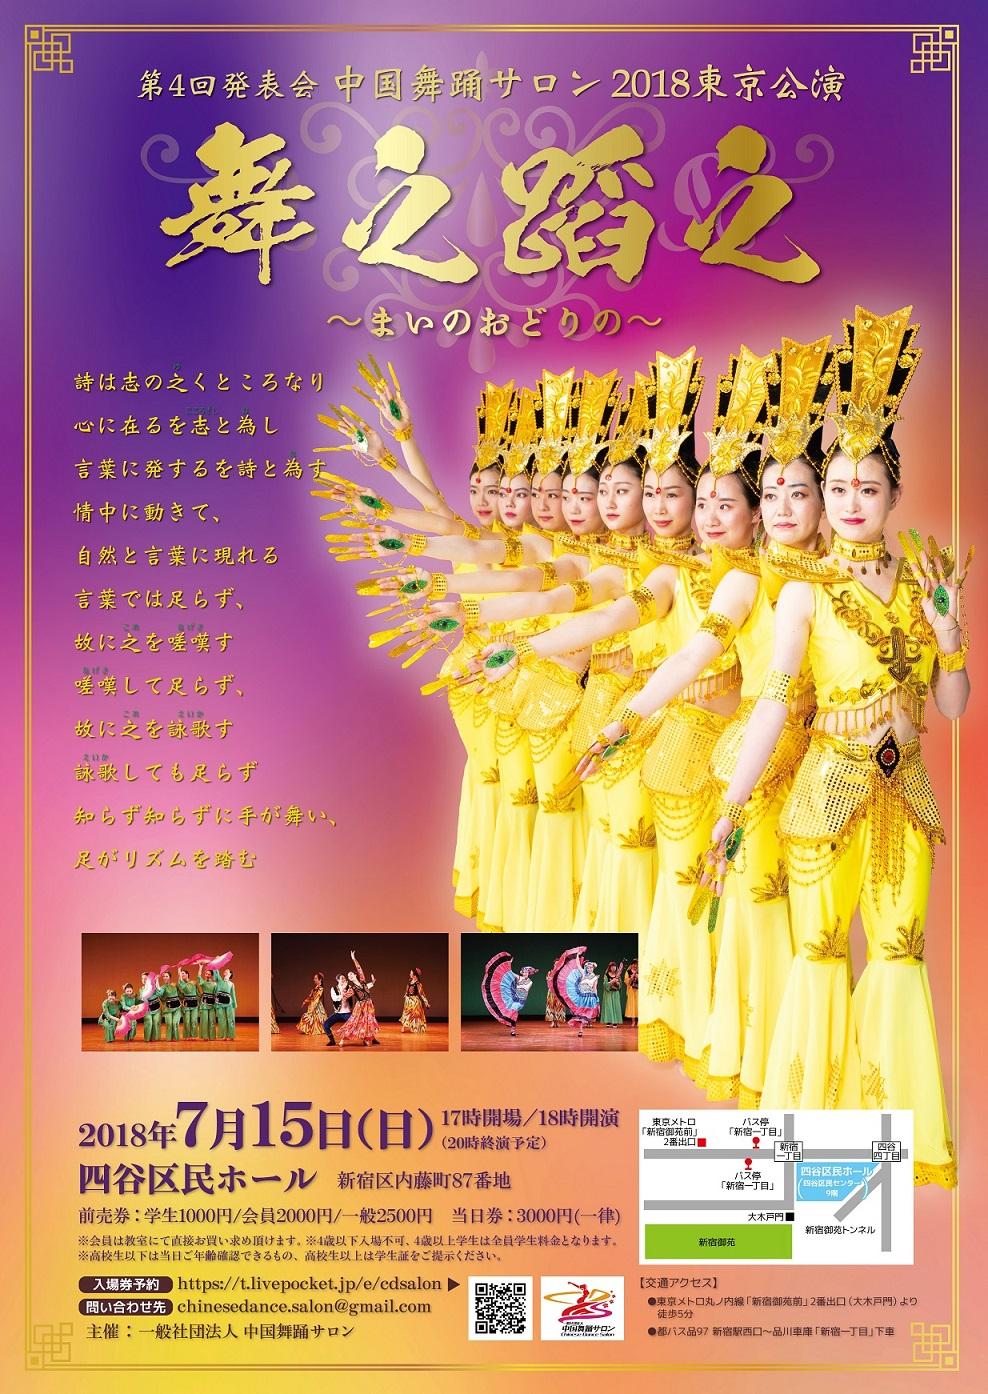 中国舞踊サロン東京公演(第4回発表会)